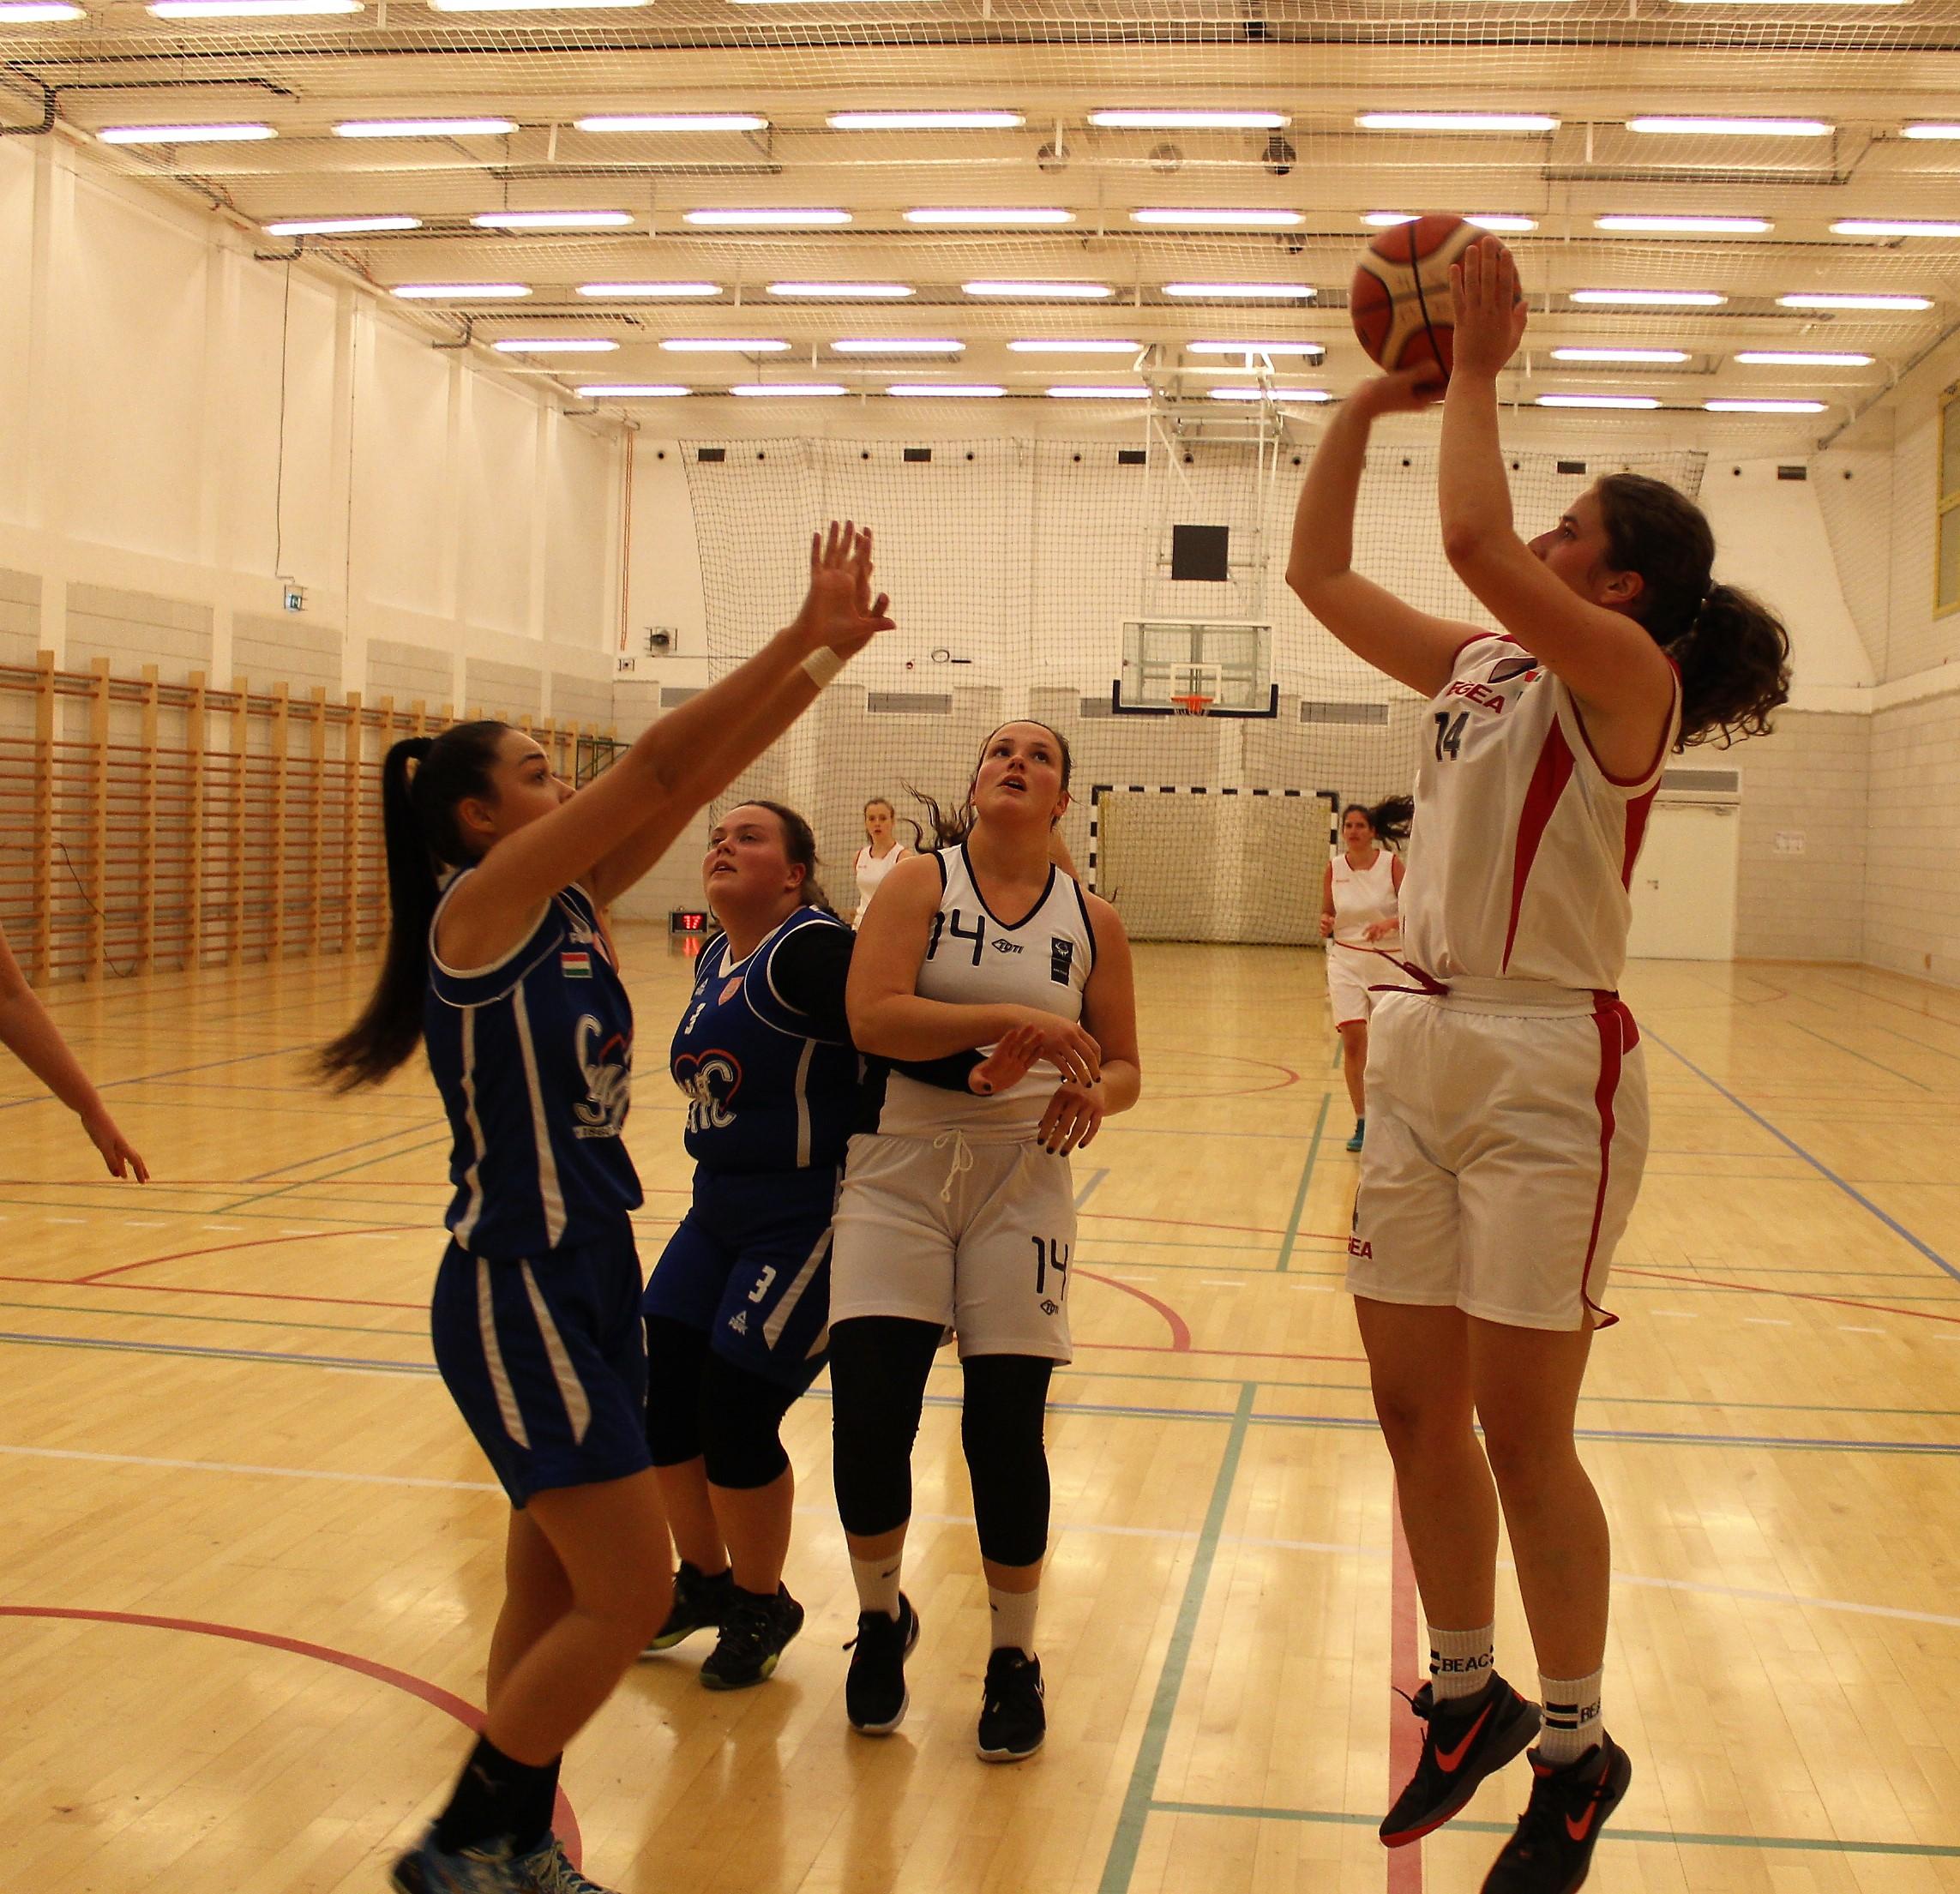 Egyetemi bajnokság, nők: Rangadót nyert az ELTE és a Győr